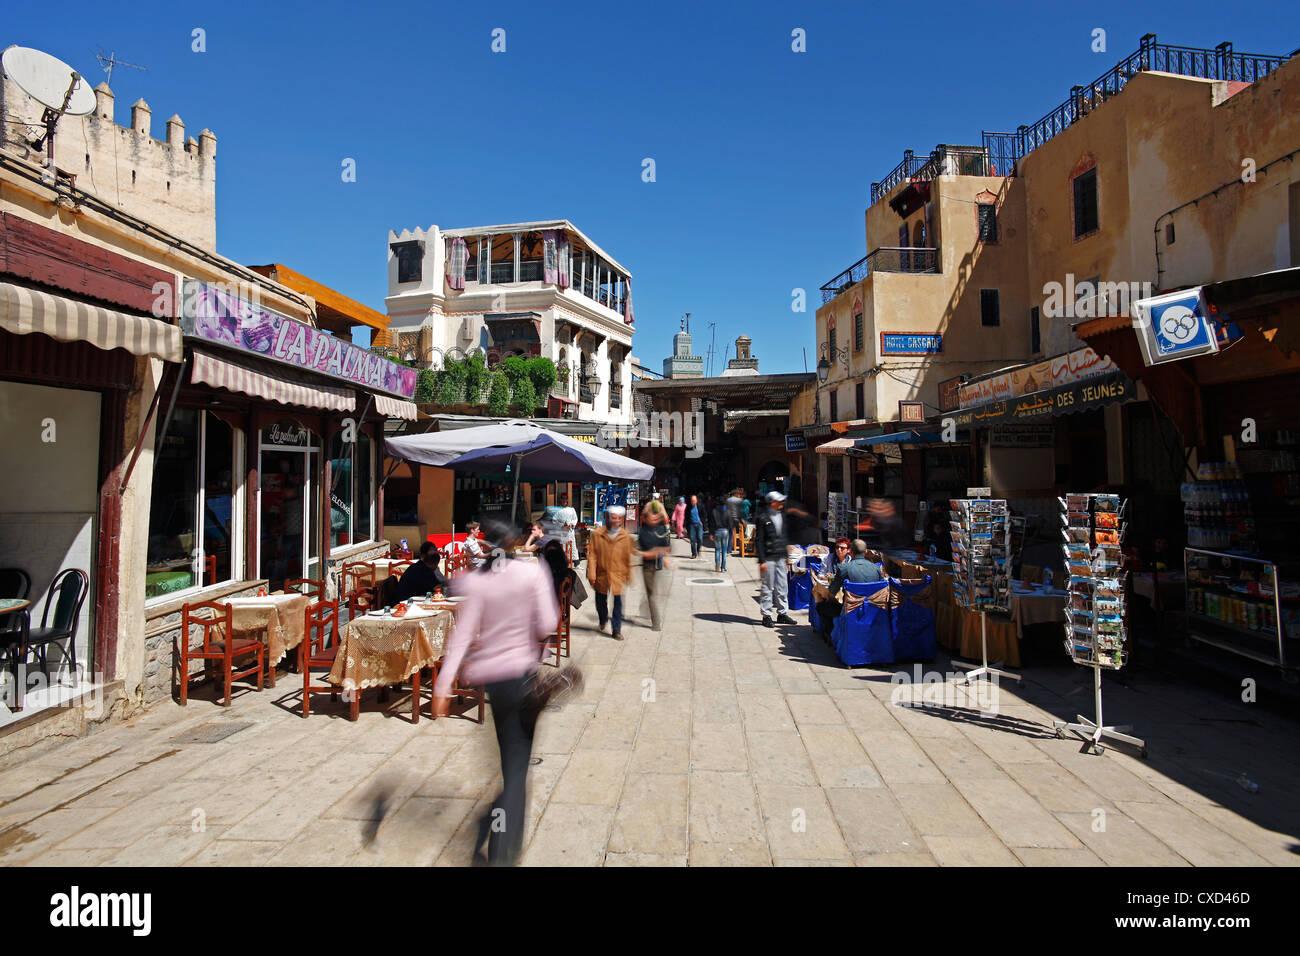 Der Eingang zur Medina, der Altstadt von Fes, Marokko, Nordafrika, Afrika Stockbild